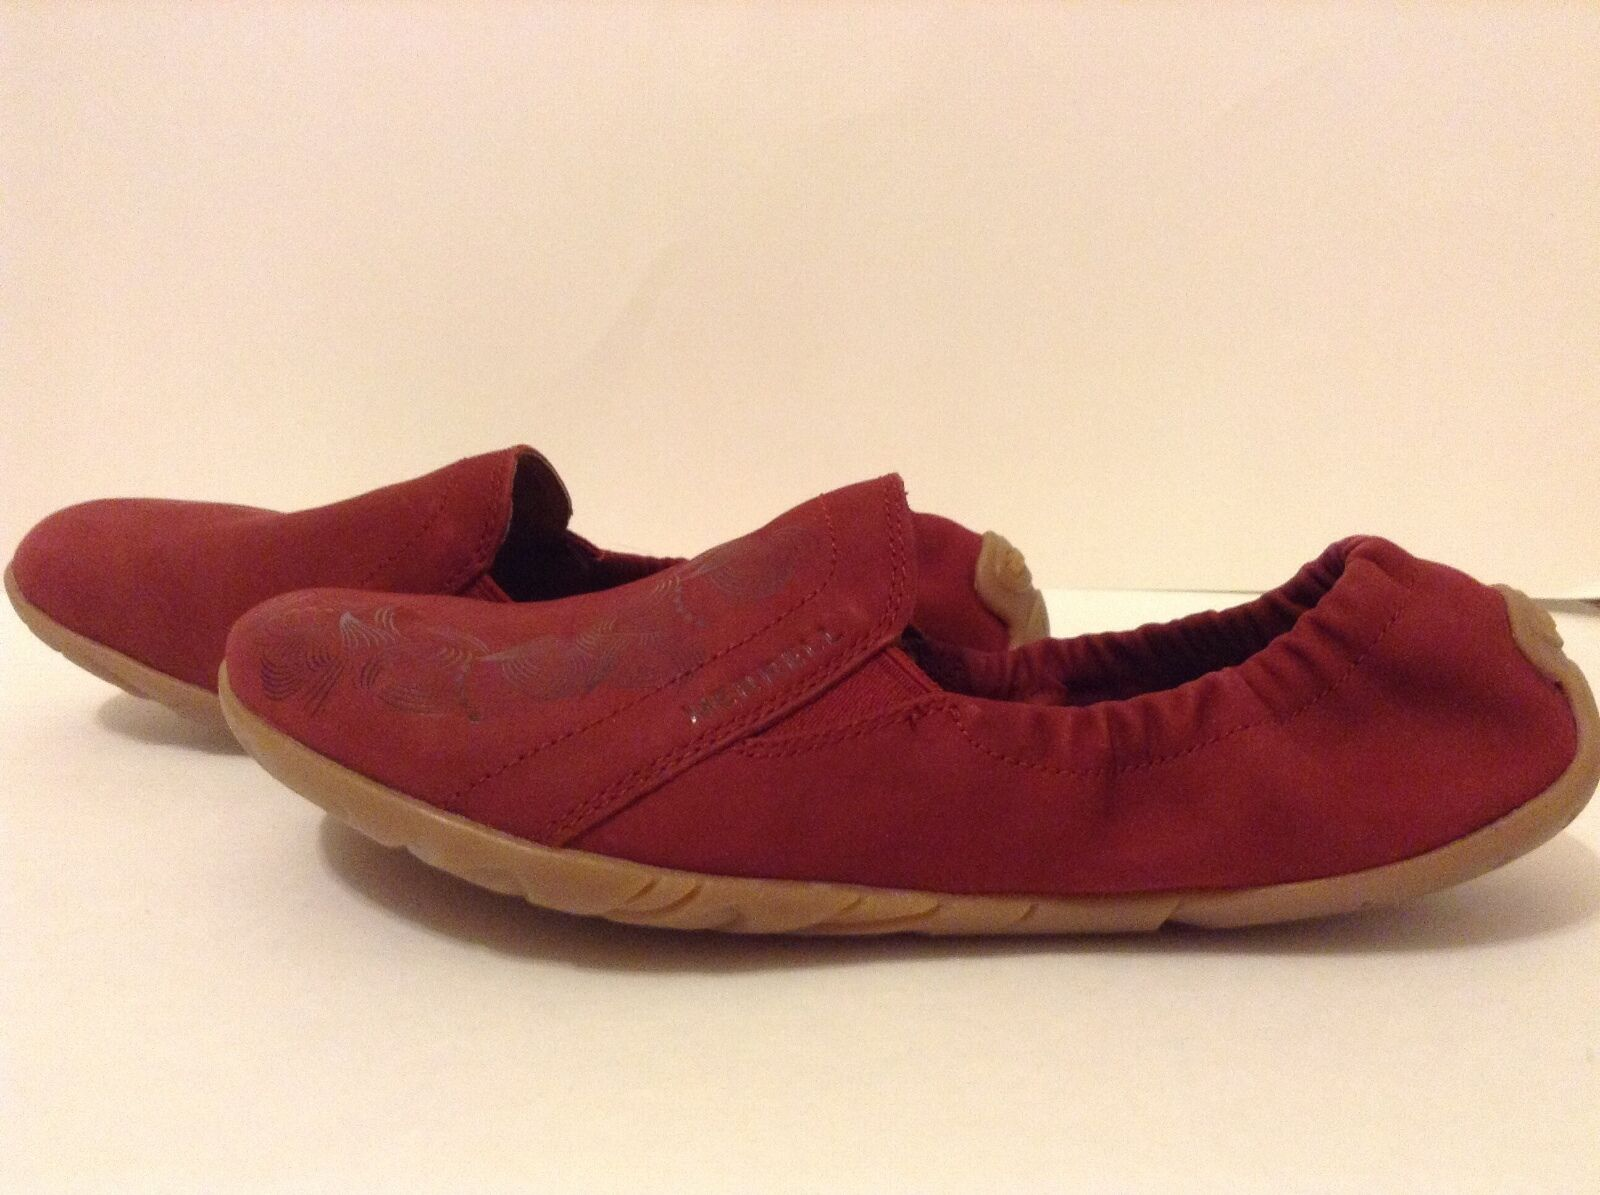 Merrell Swirl barefoot,Life Zest Glove & Swirl Merrell Glove slip-on flat Vibram Schuhes e4d04a